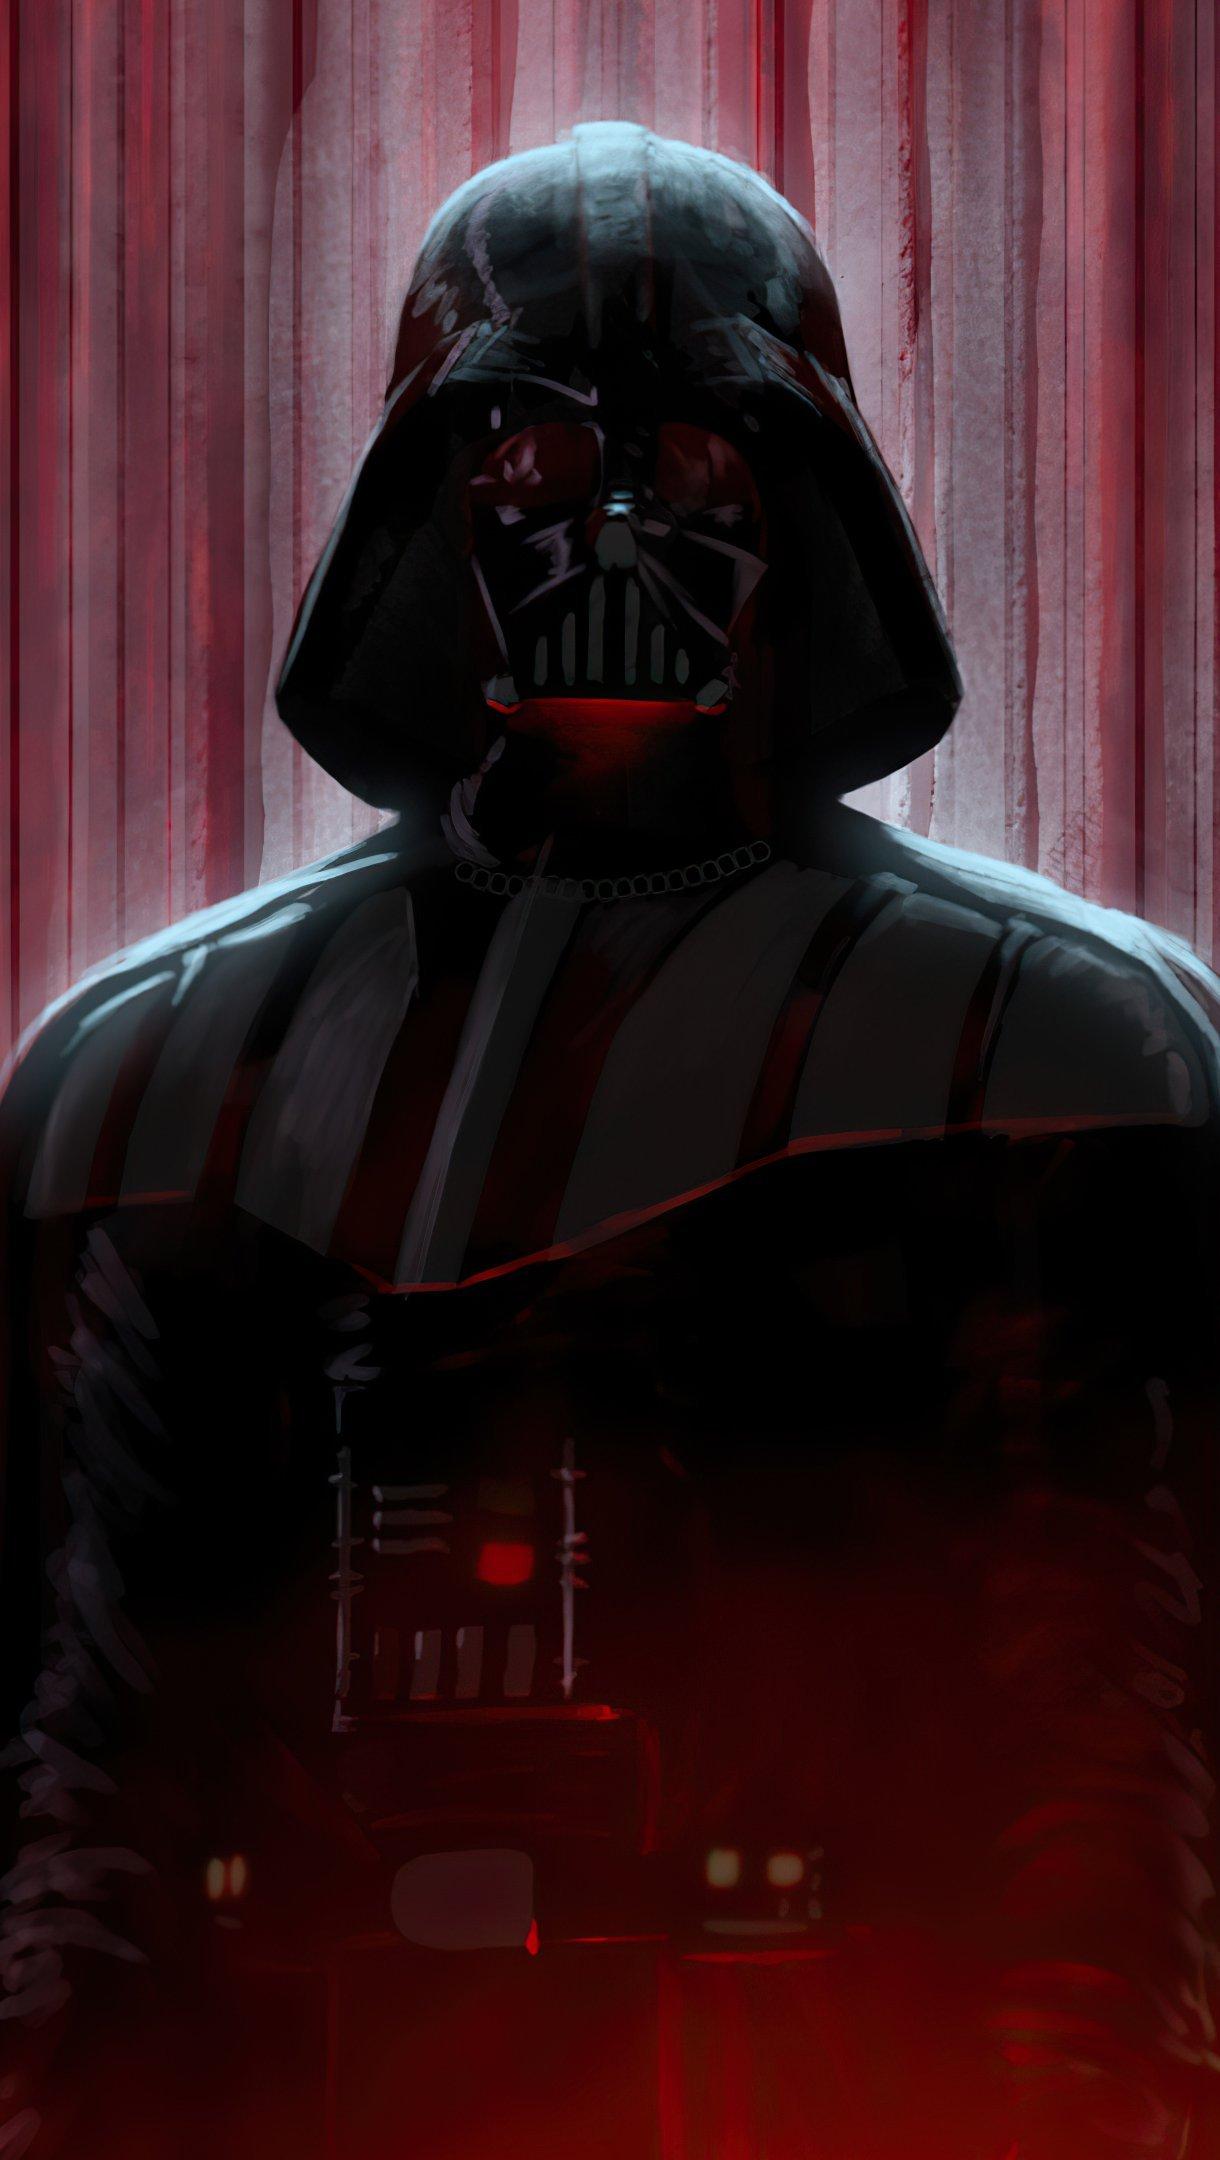 Wallpaper Darth Vader in shadows Vertical